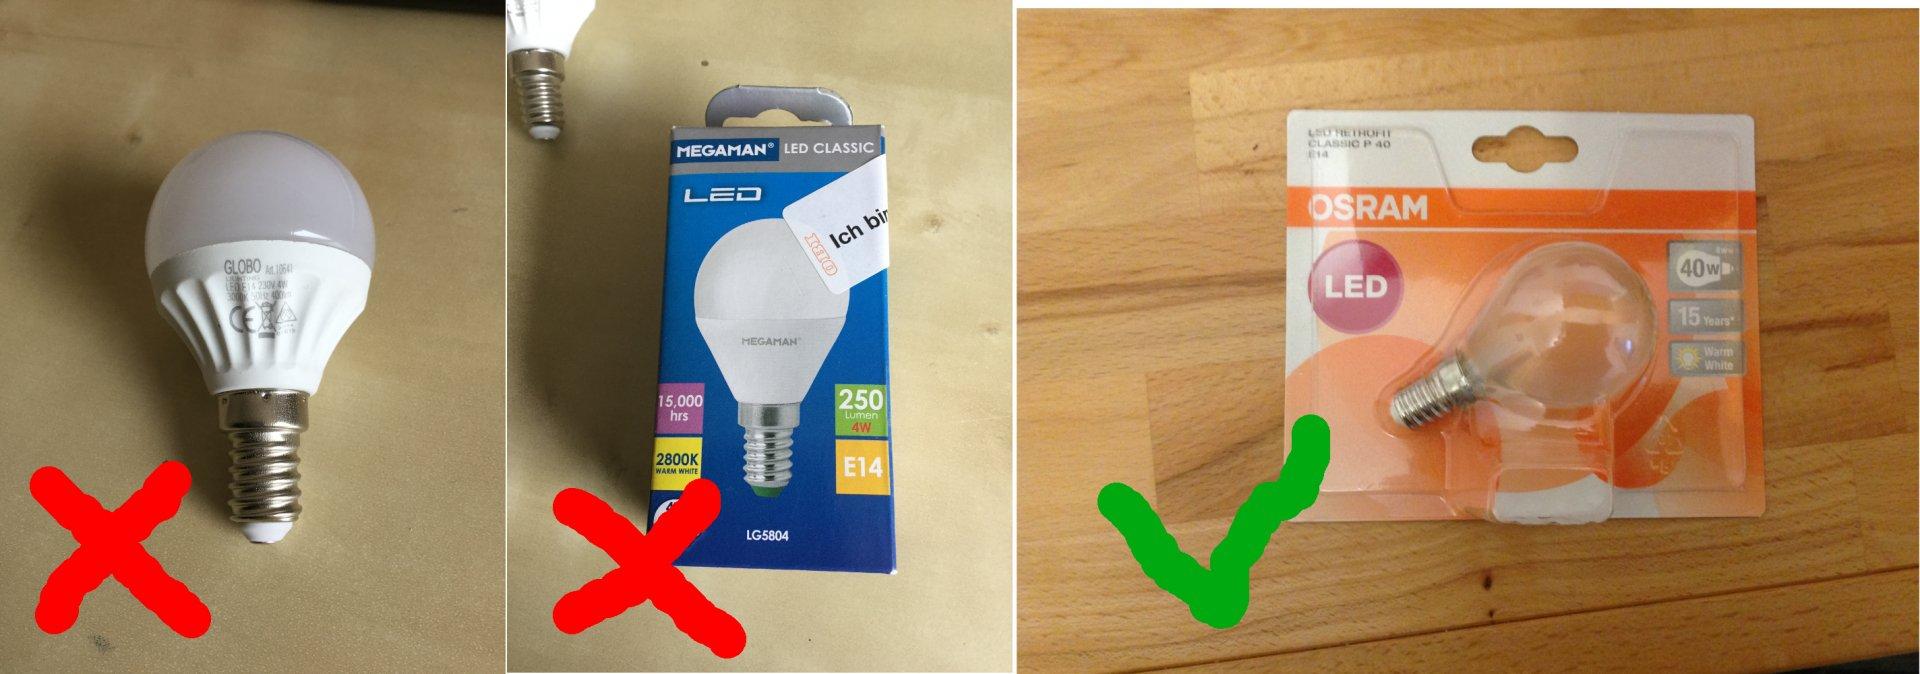 Led lampen flackern nun hab ich an einer 2flammigen lampe zwei osram leds eingebaut und siehe da kein flackern mehr parisarafo Images